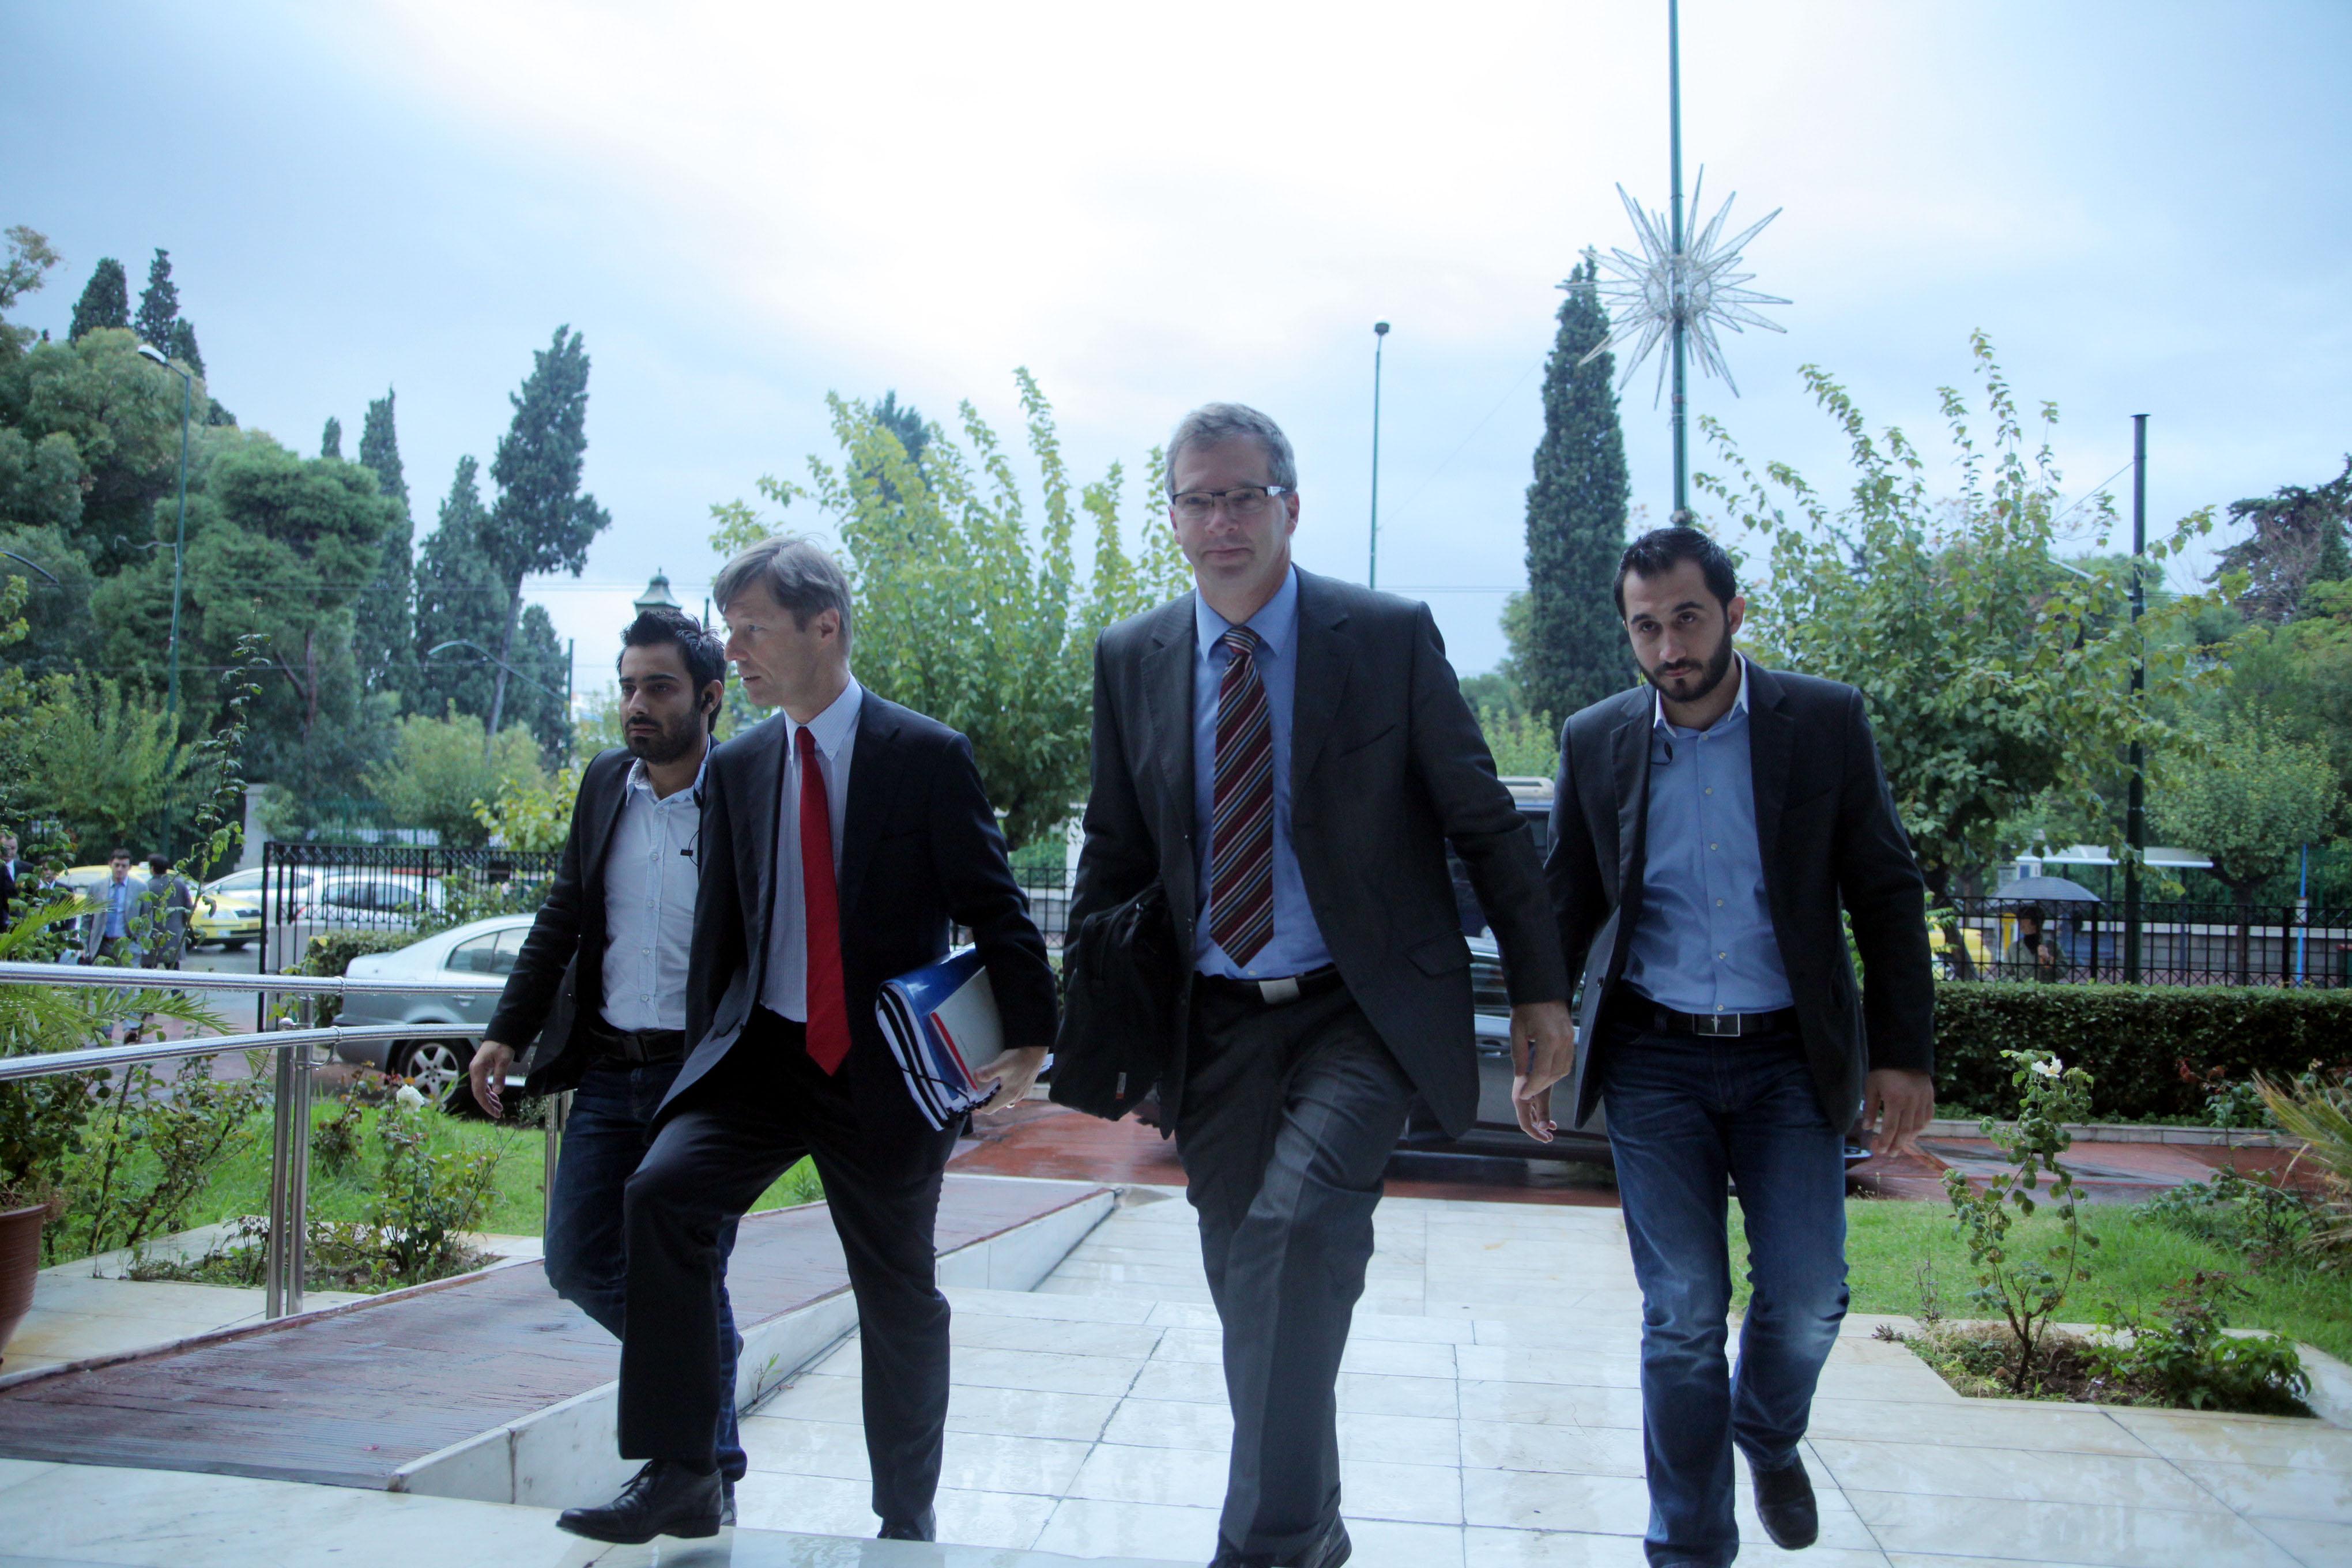 Στις 30 Μαΐου η συνεδρίαση του ΔΝΤ για την Ελλάδα   tovima.gr